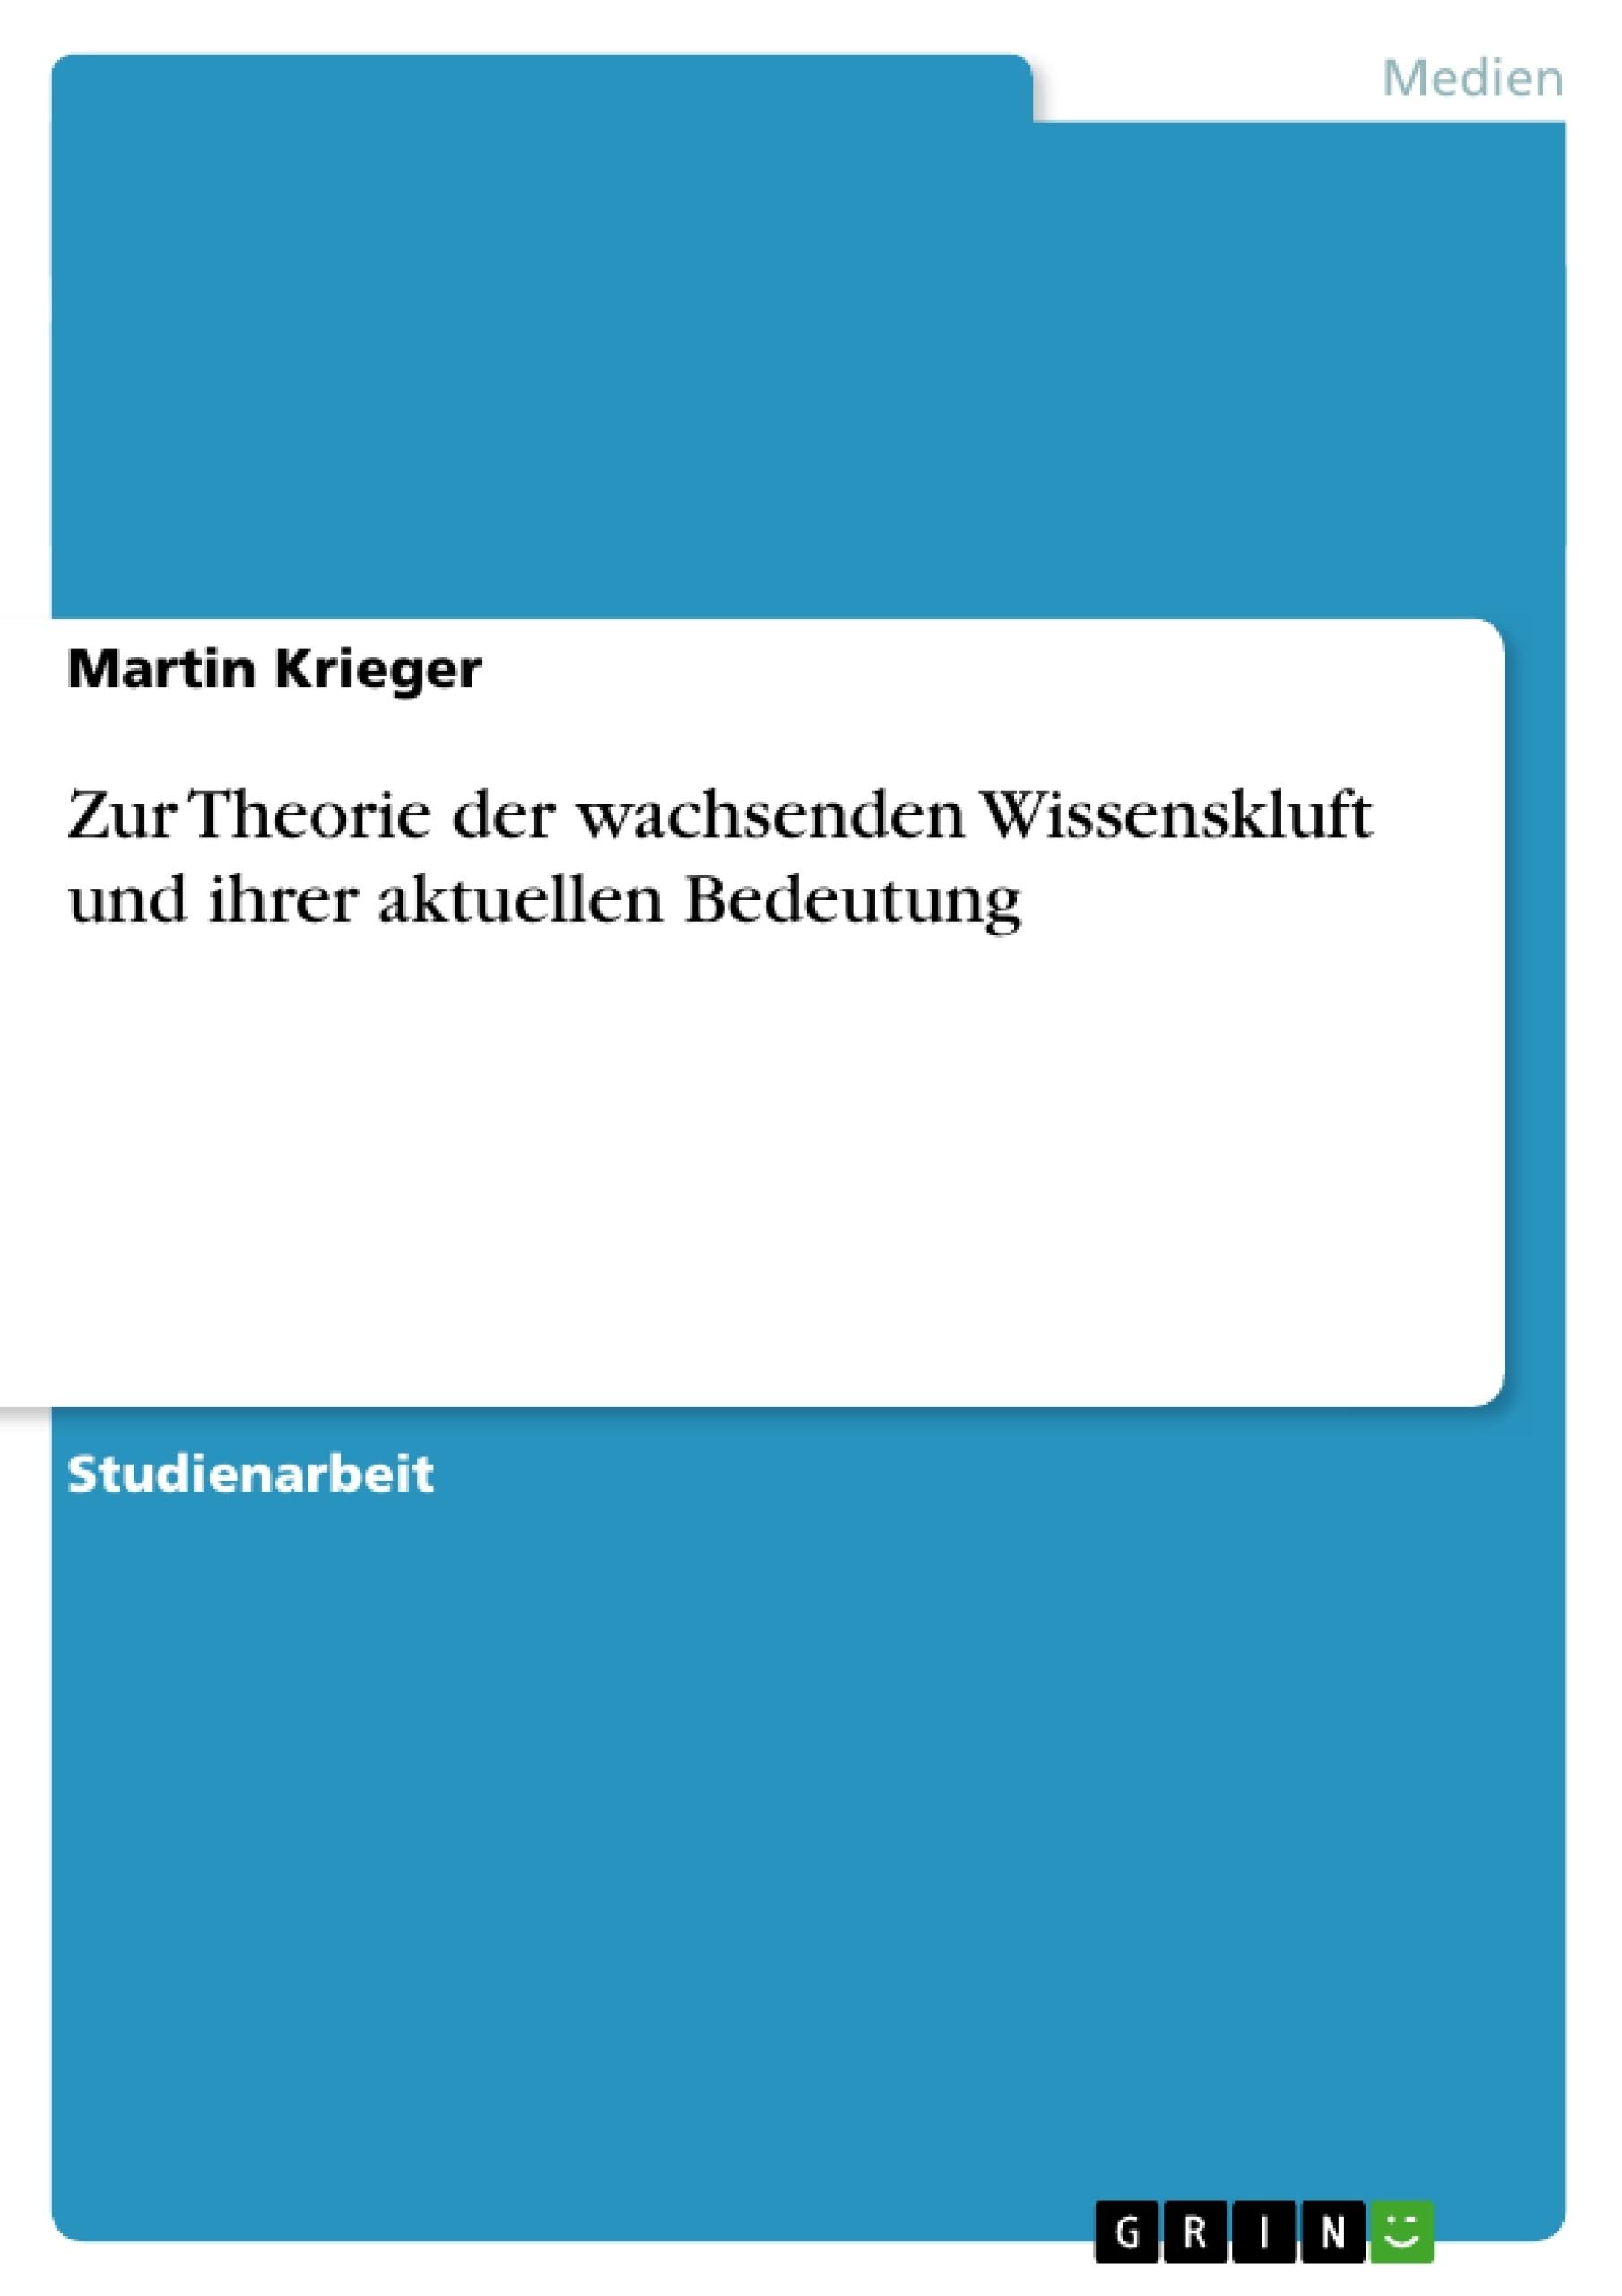 Titel: Zur Theorie der wachsenden Wissenskluft und ihrer aktuellen Bedeutung